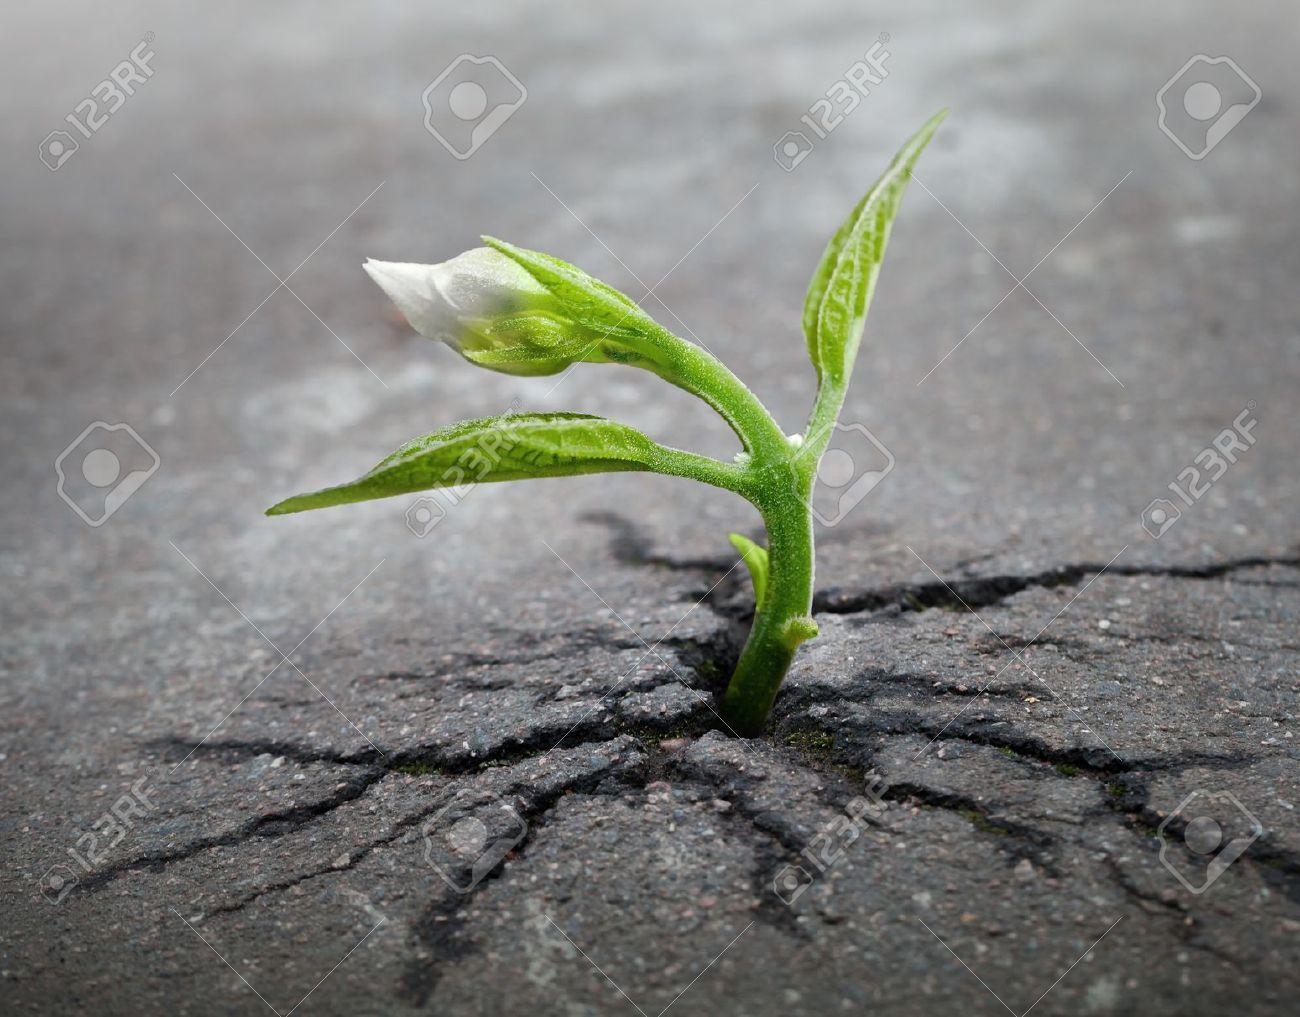 Little flower sprout grows through urban asphalt ground - 17117903